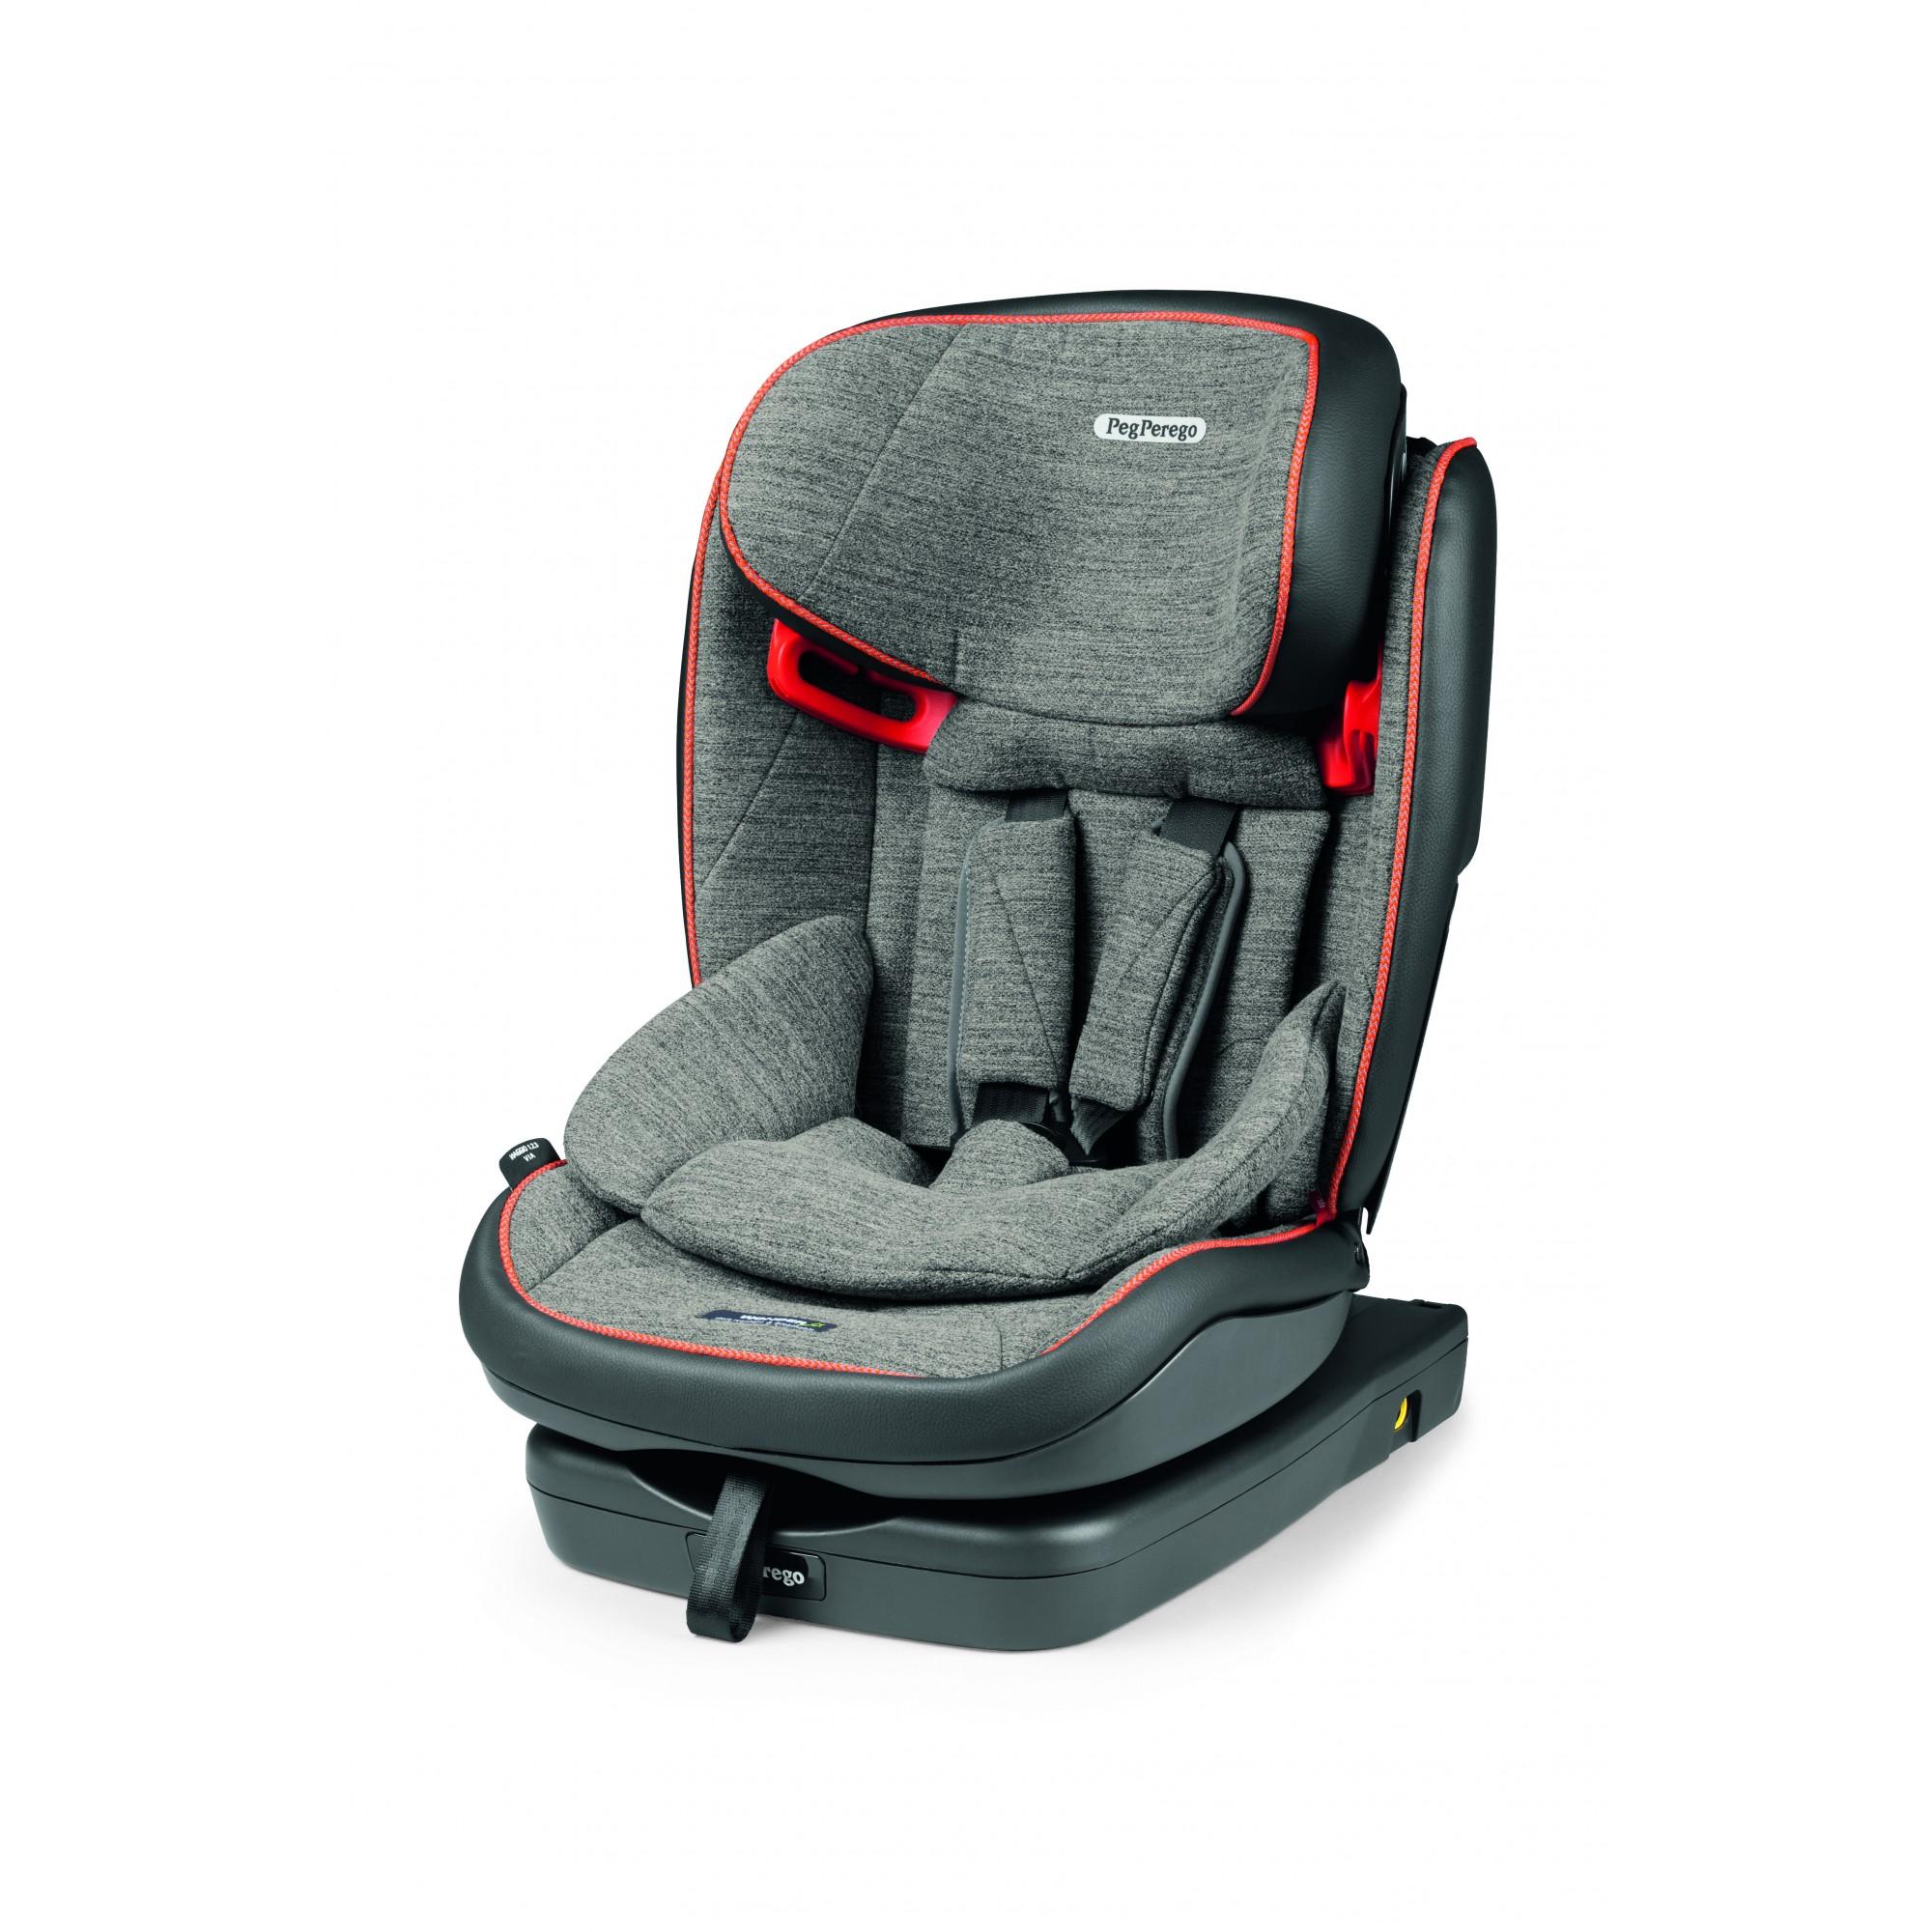 Scaun Auto Peg Perego, Viaggio 1-2-3 Via, Wonder Grey, 9-36 kg